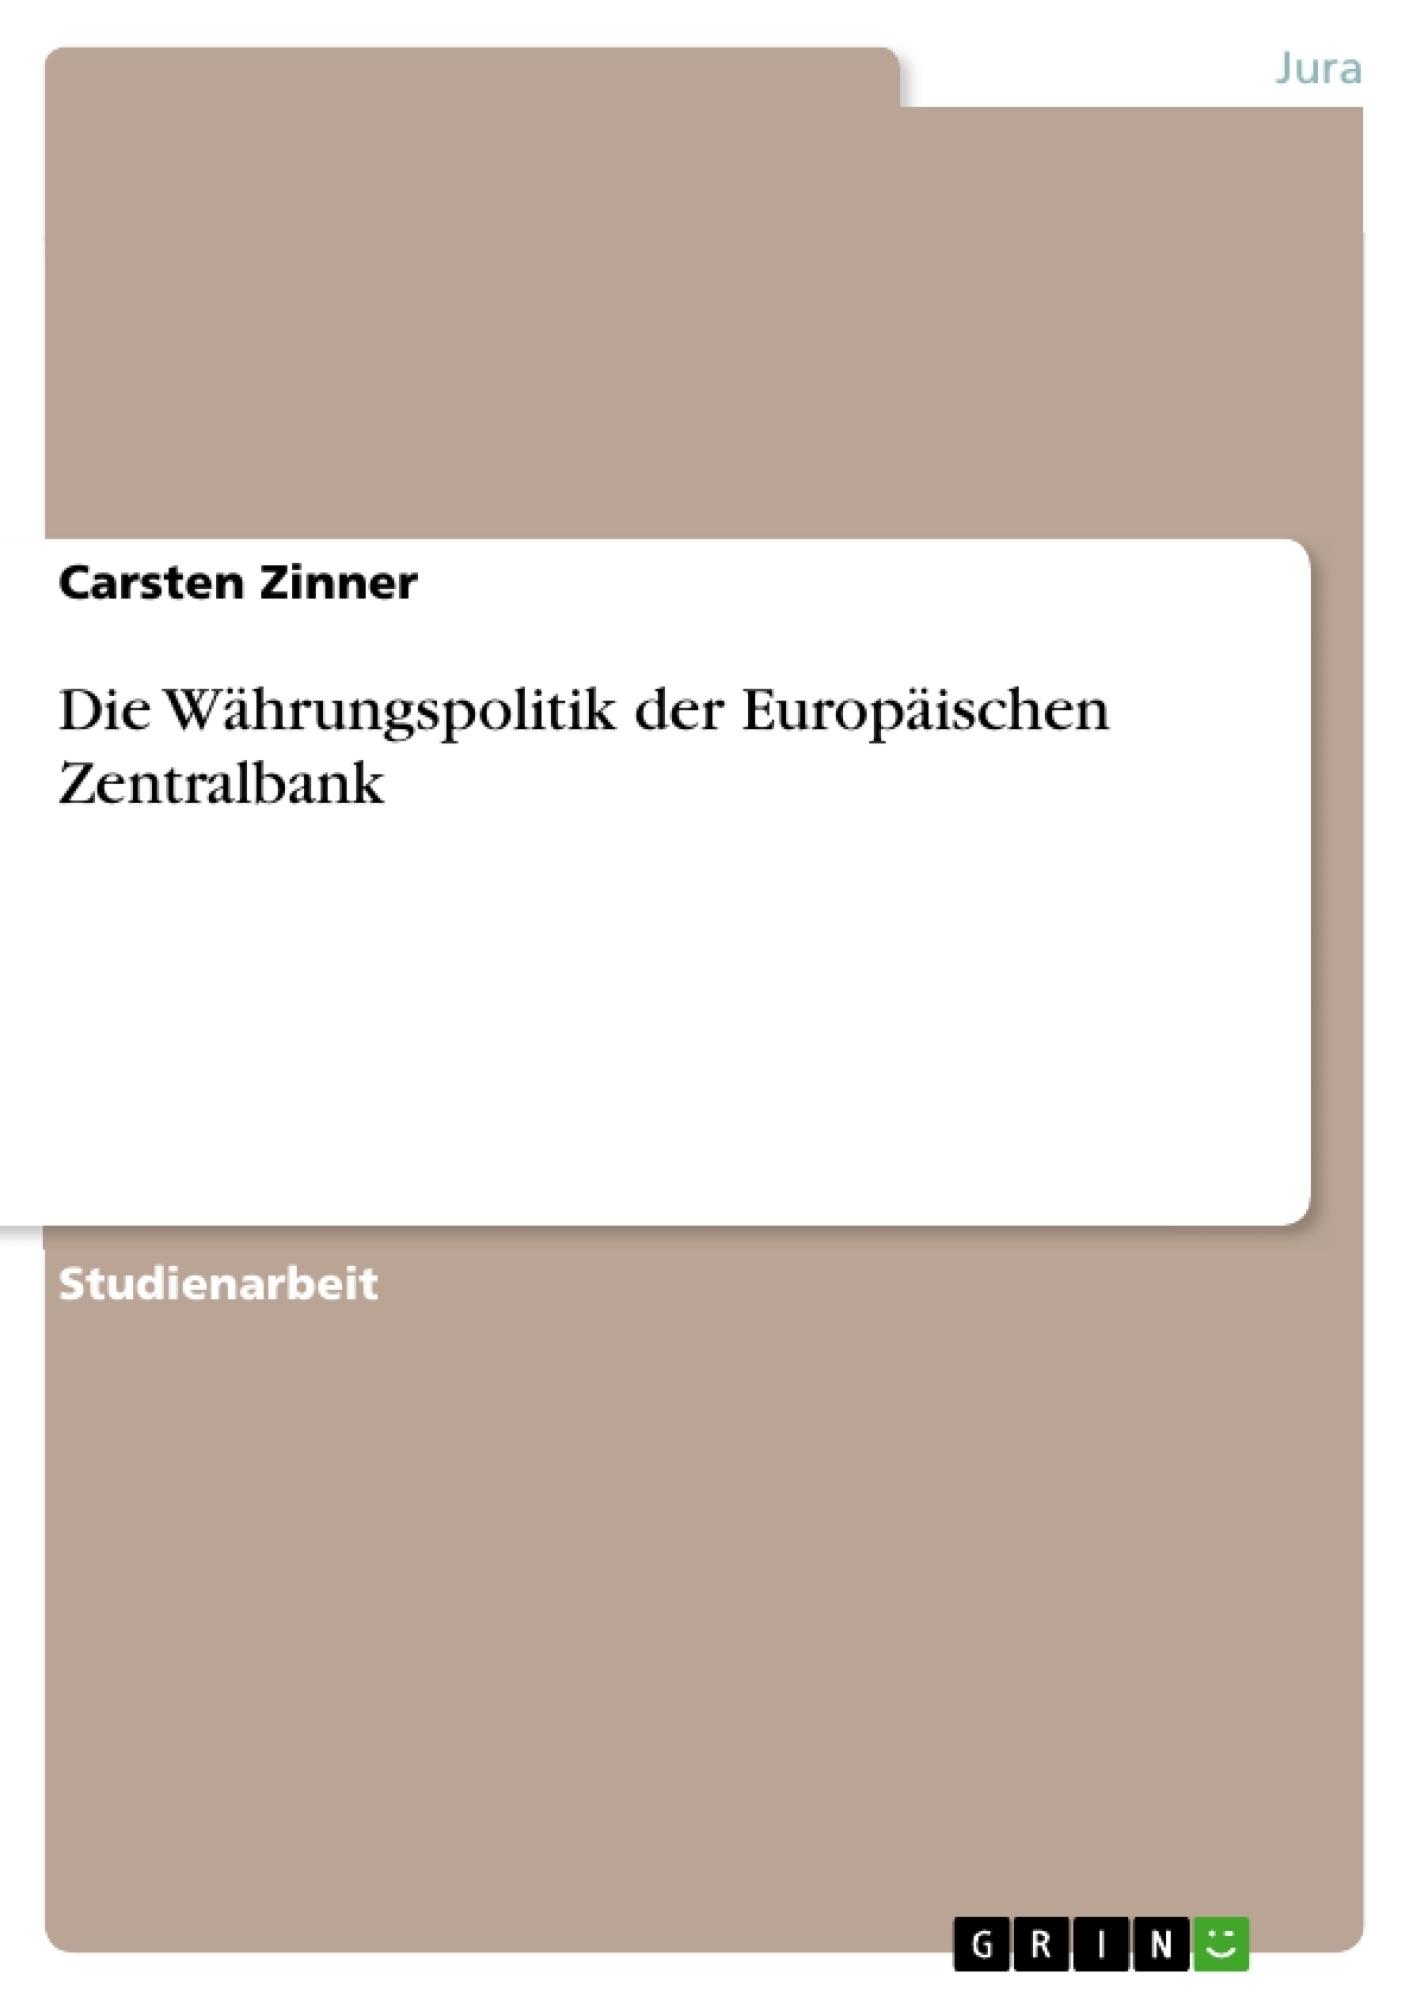 Titel: Die Währungspolitik der Europäischen Zentralbank